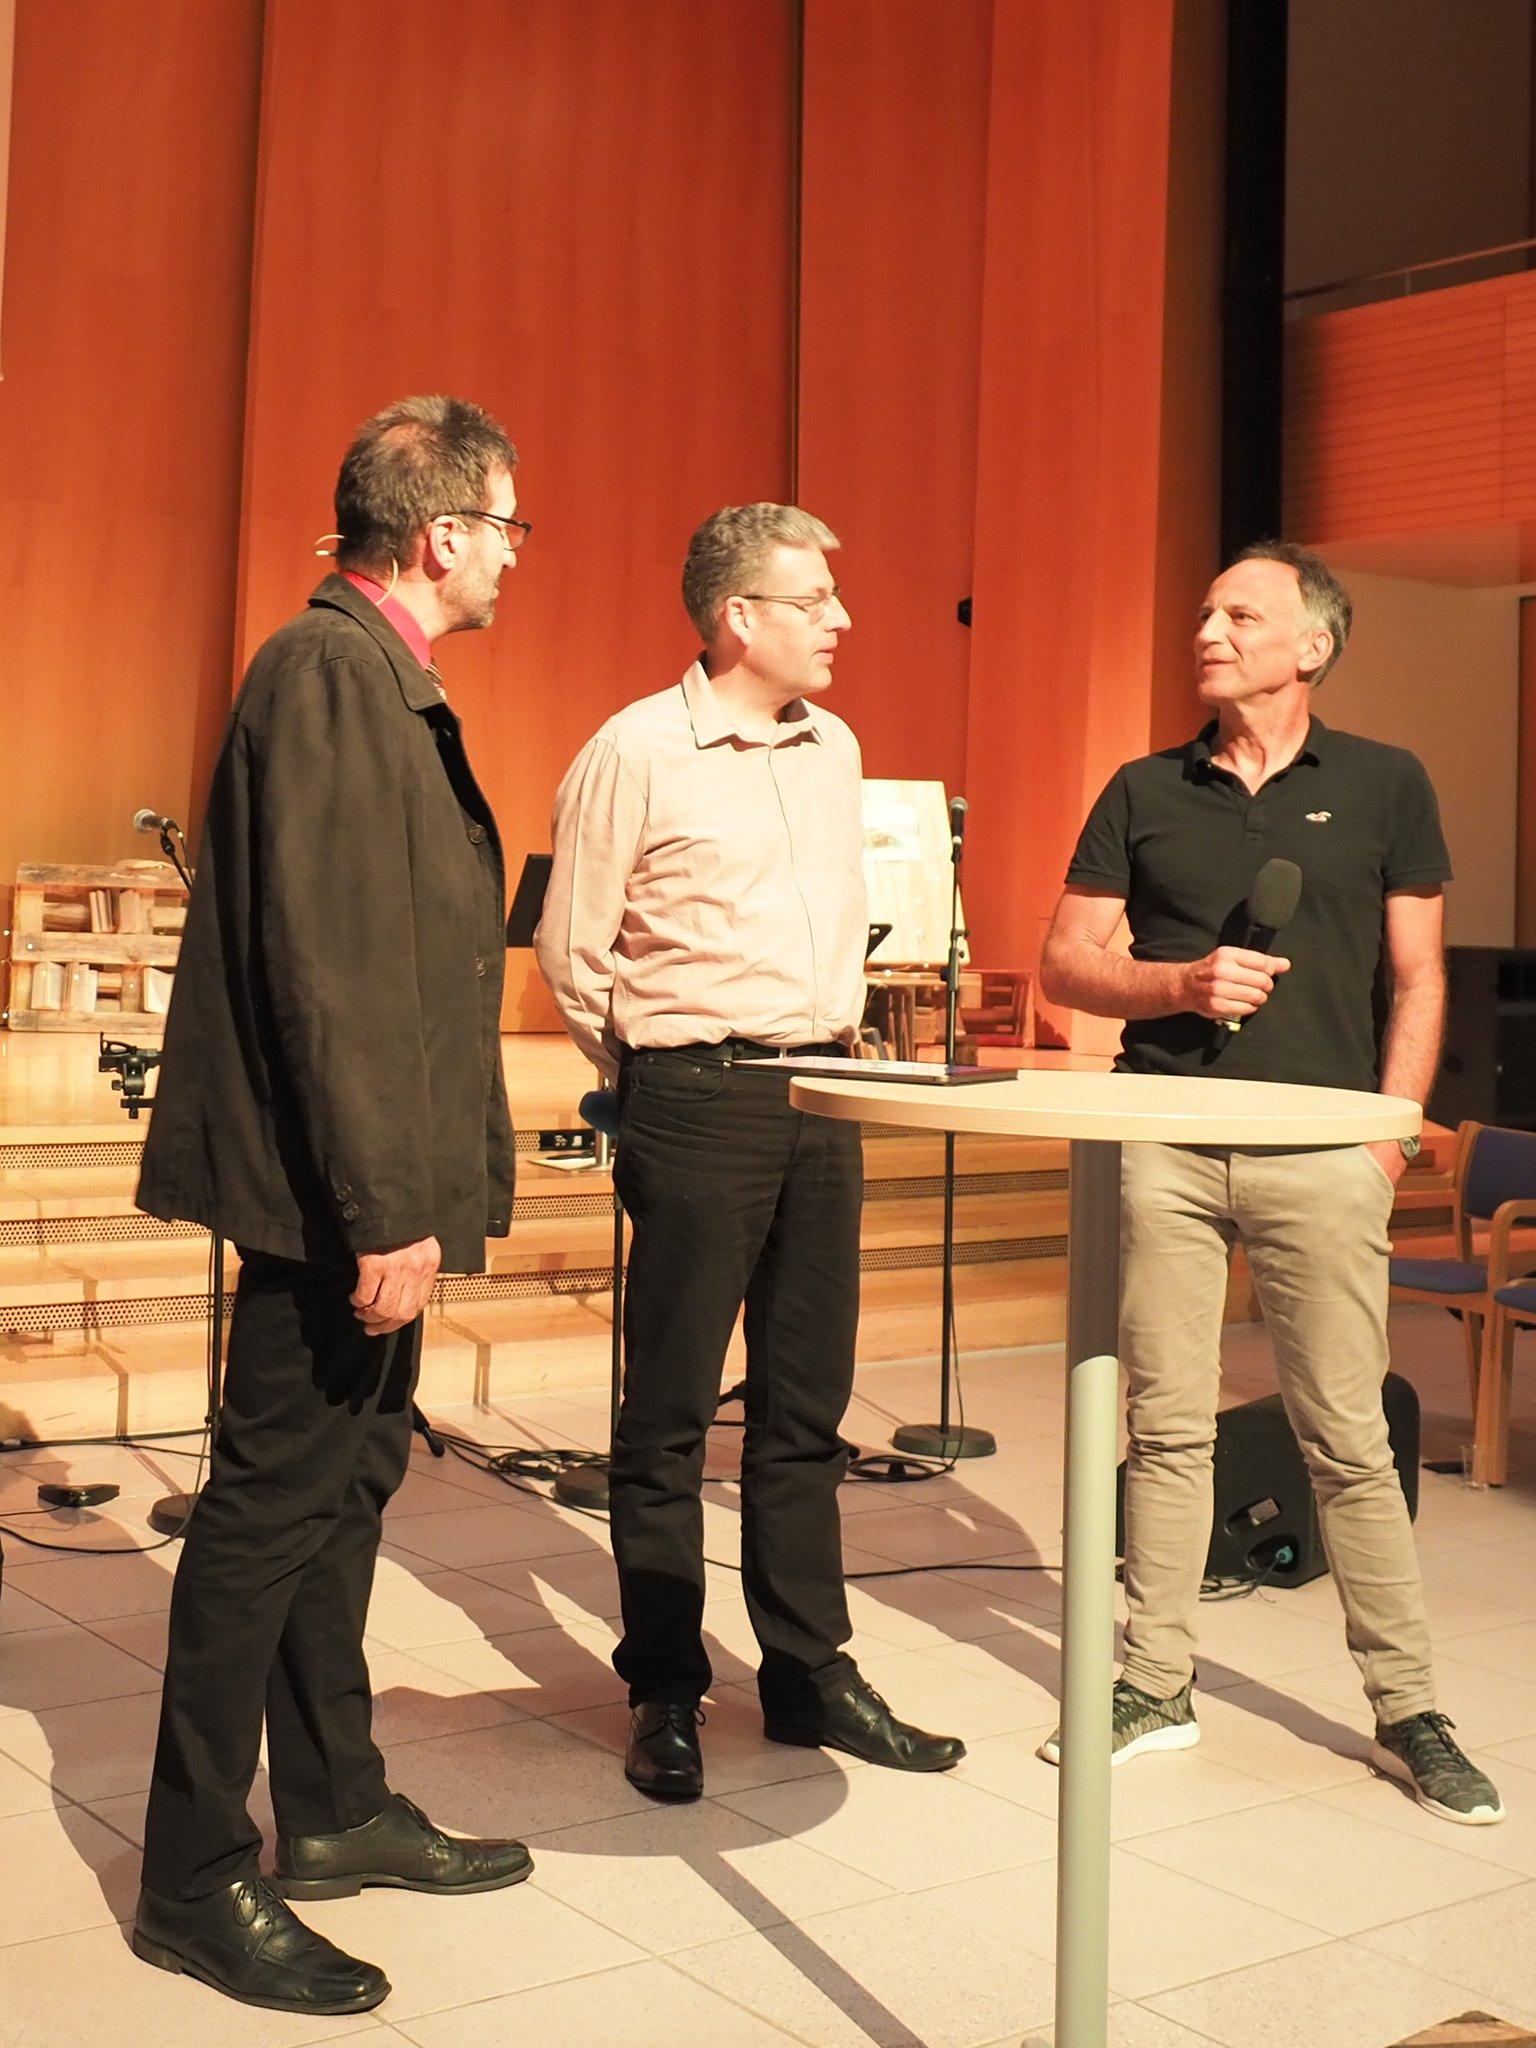 Renê Winkler im Gespräch mit Frank Spatz und Matthias Altwegg.